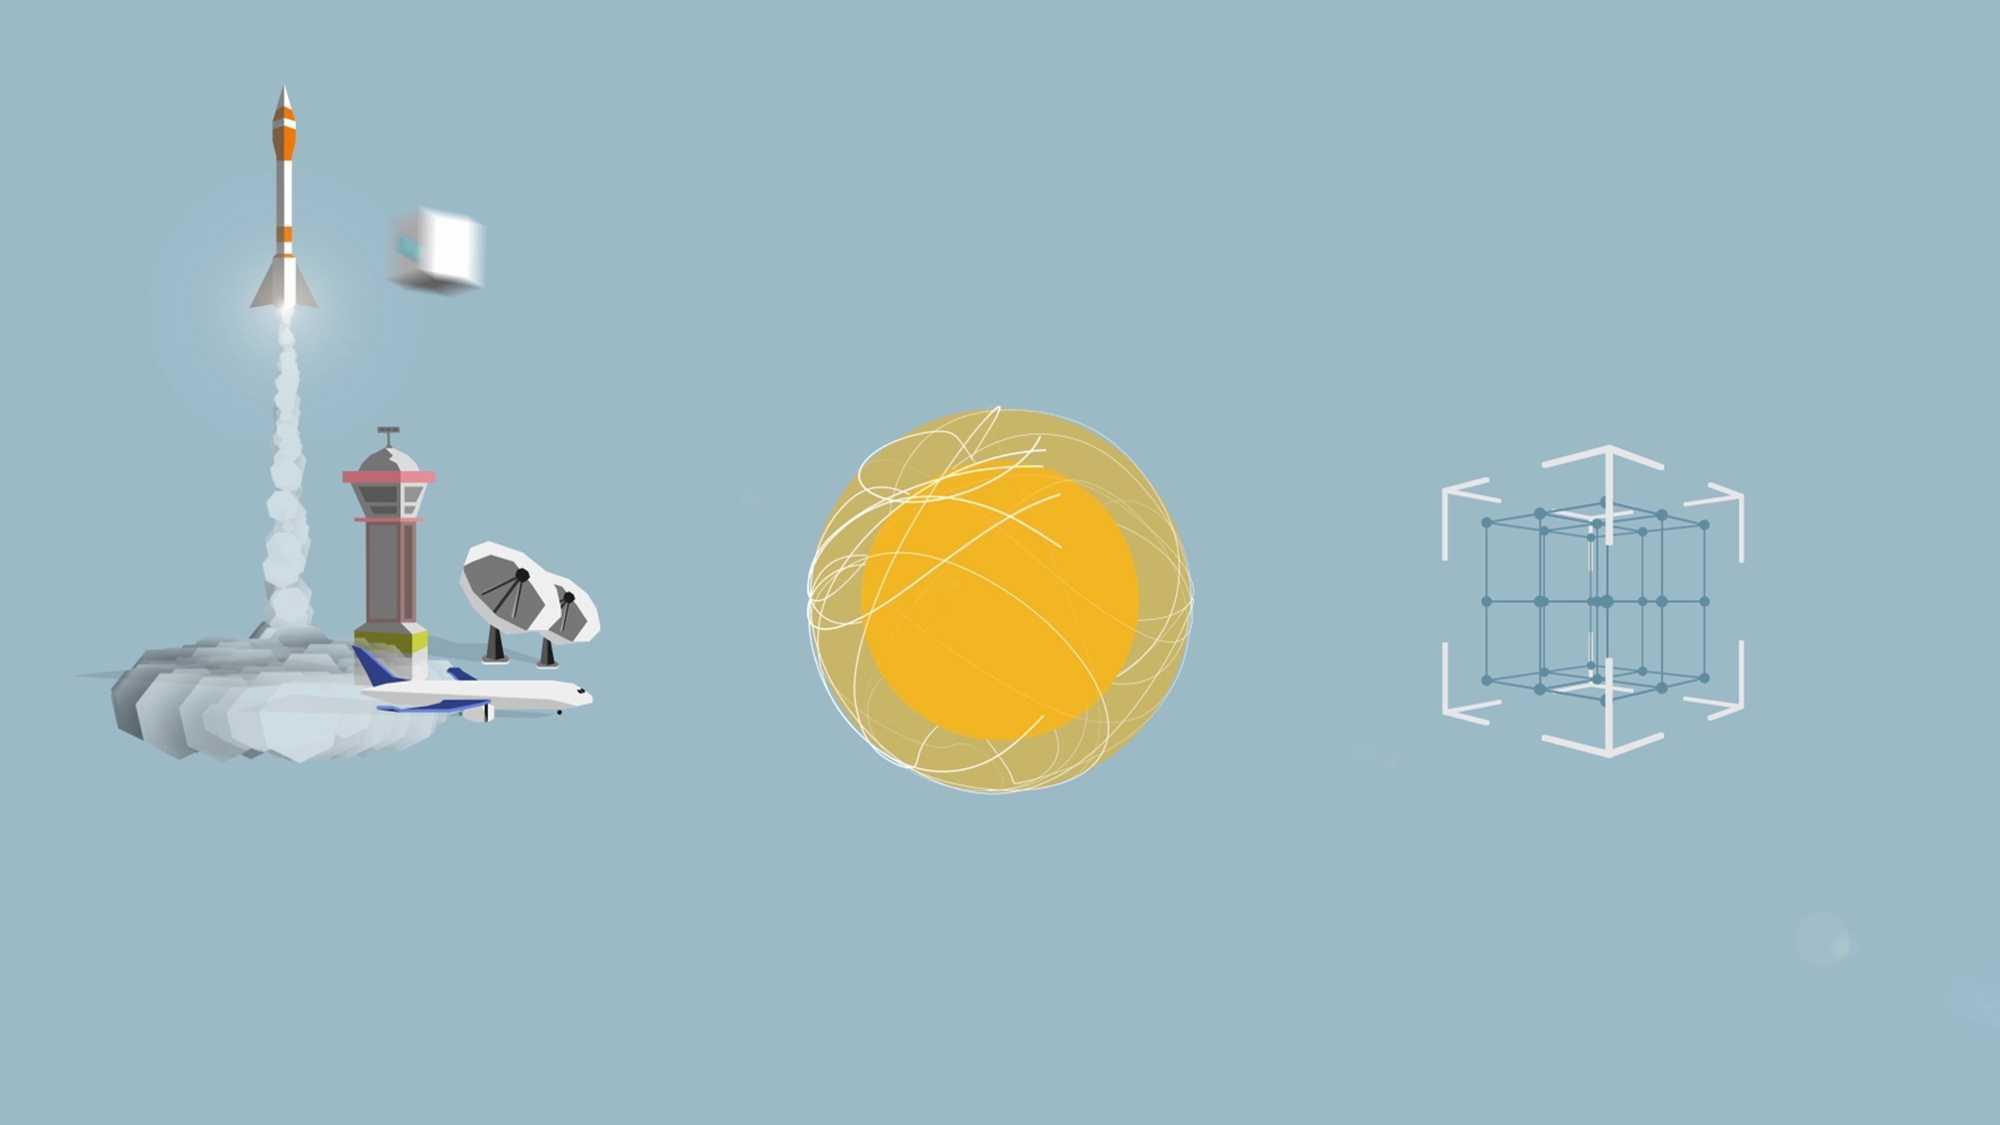 Das Bild zeigt auf der linken Seite eine animierte Rakete. Diese ist gerade dabei abzuheben. Sie ist auf einen blauen Hintergrund gebettet. Neben ihr, in der Mitte des Bildes, ist eine Sonne zu sehen. Neben dieser Sonne ist ein Viereck angebracht, dieses Viereck besteht aus einzelnen Steckteilen. Das Bild dient als Sliderbild für den Portfolioeintrag Global Aerospace Campus Erklärfilm von Panda Pictures.